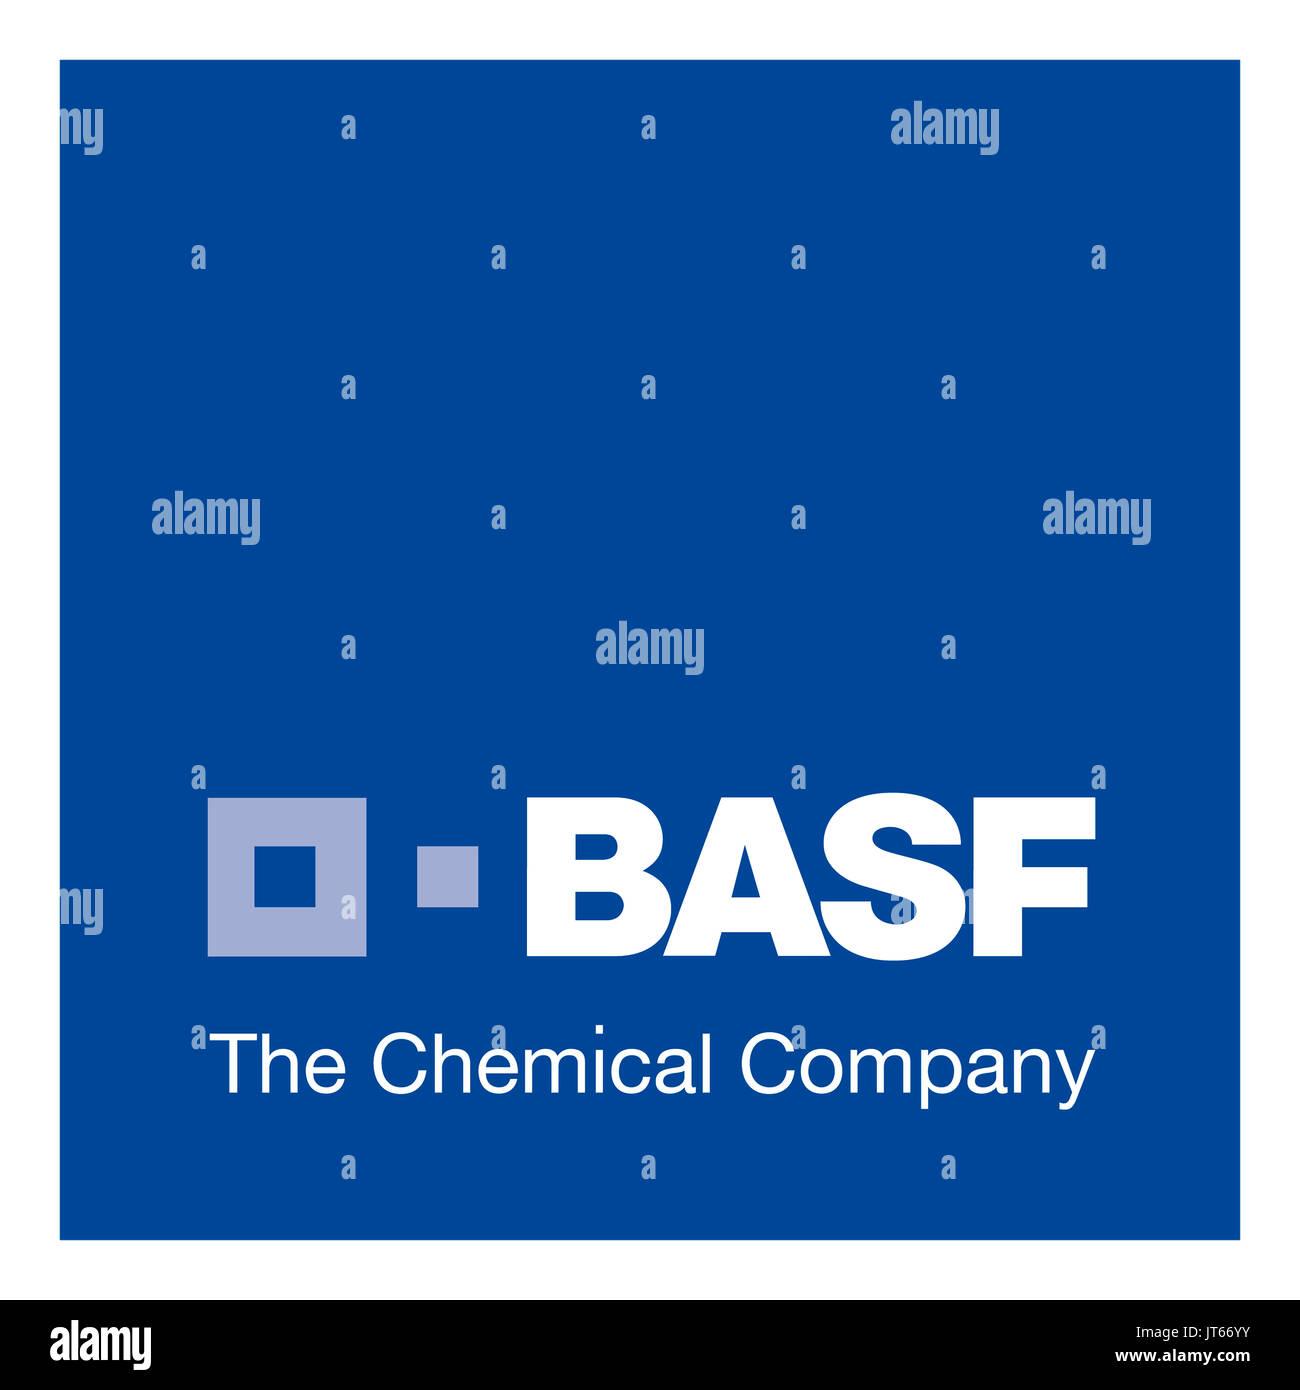 La empresa química BASF, la empresa química alemana, el logotipo de la empresa, DAX 30 empresas Imagen De Stock